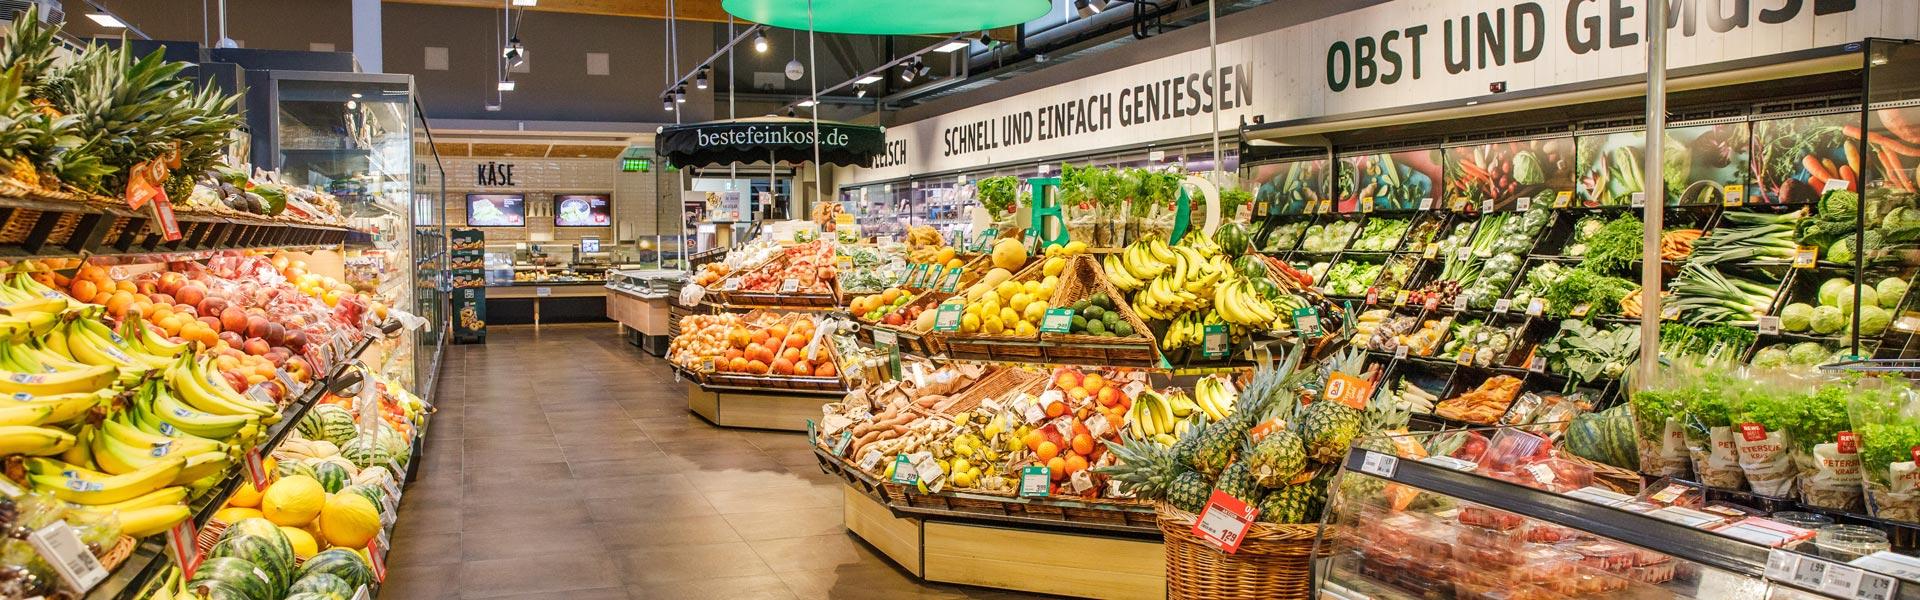 Obst- und Gemüseabteilung von REWE Nadler